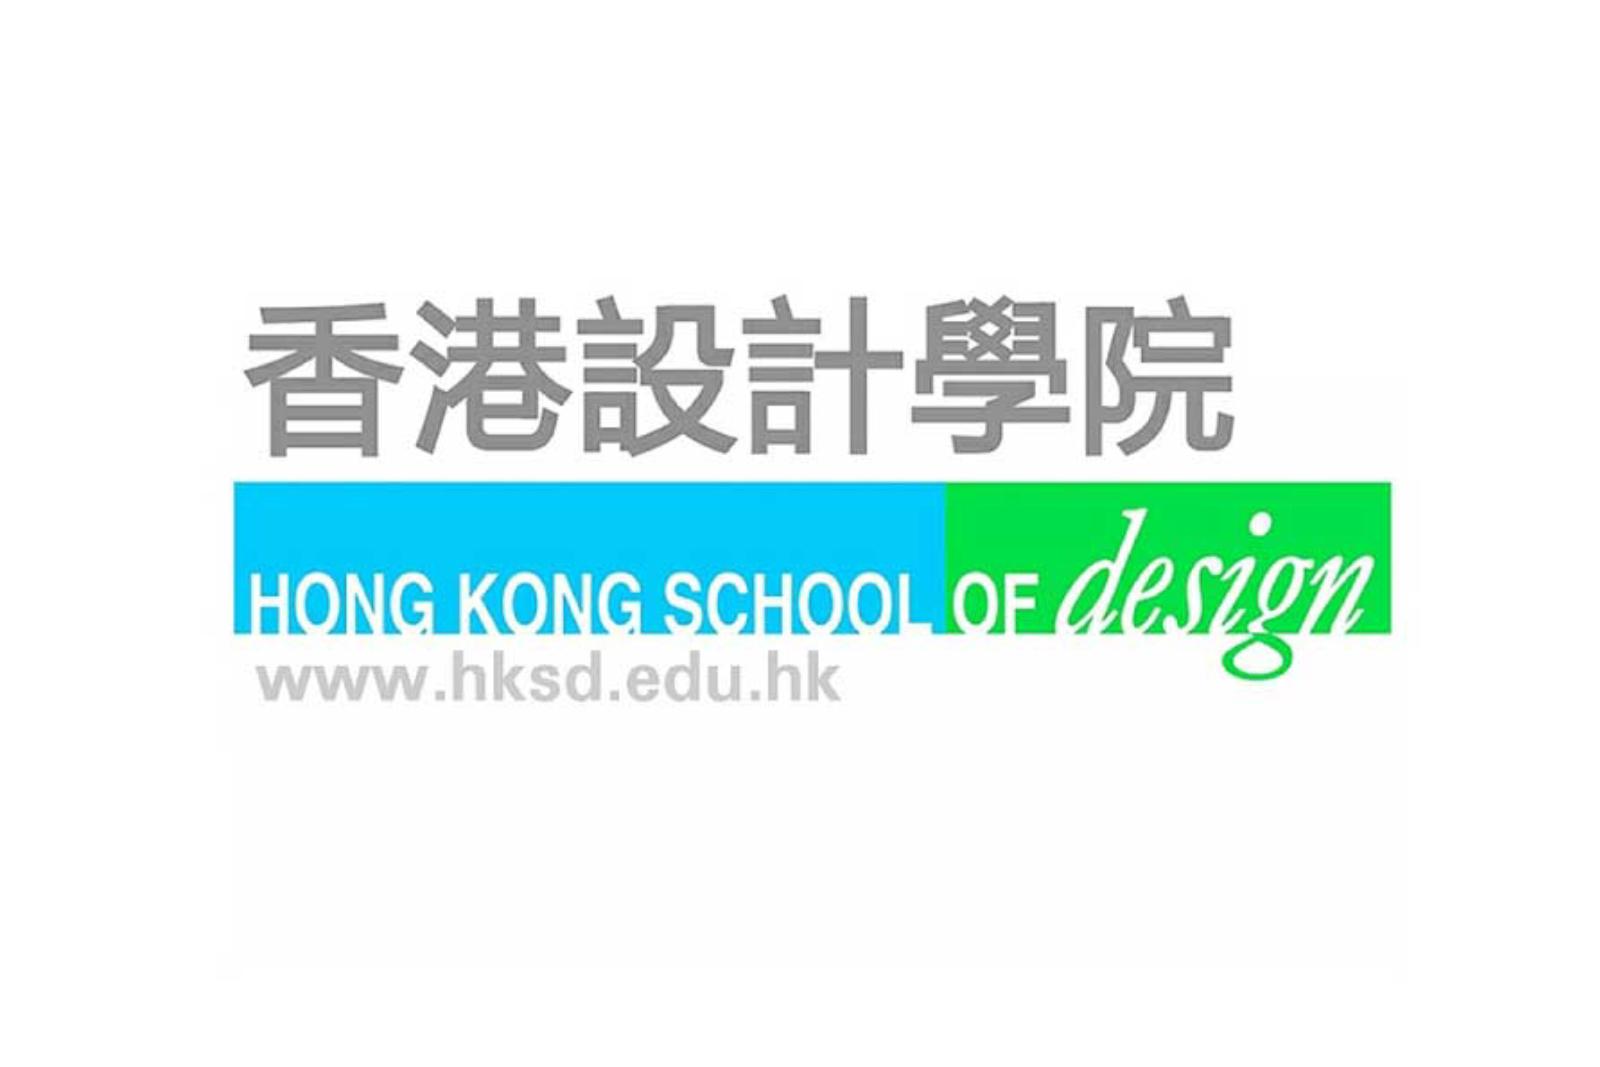 Hong Kong School of Design